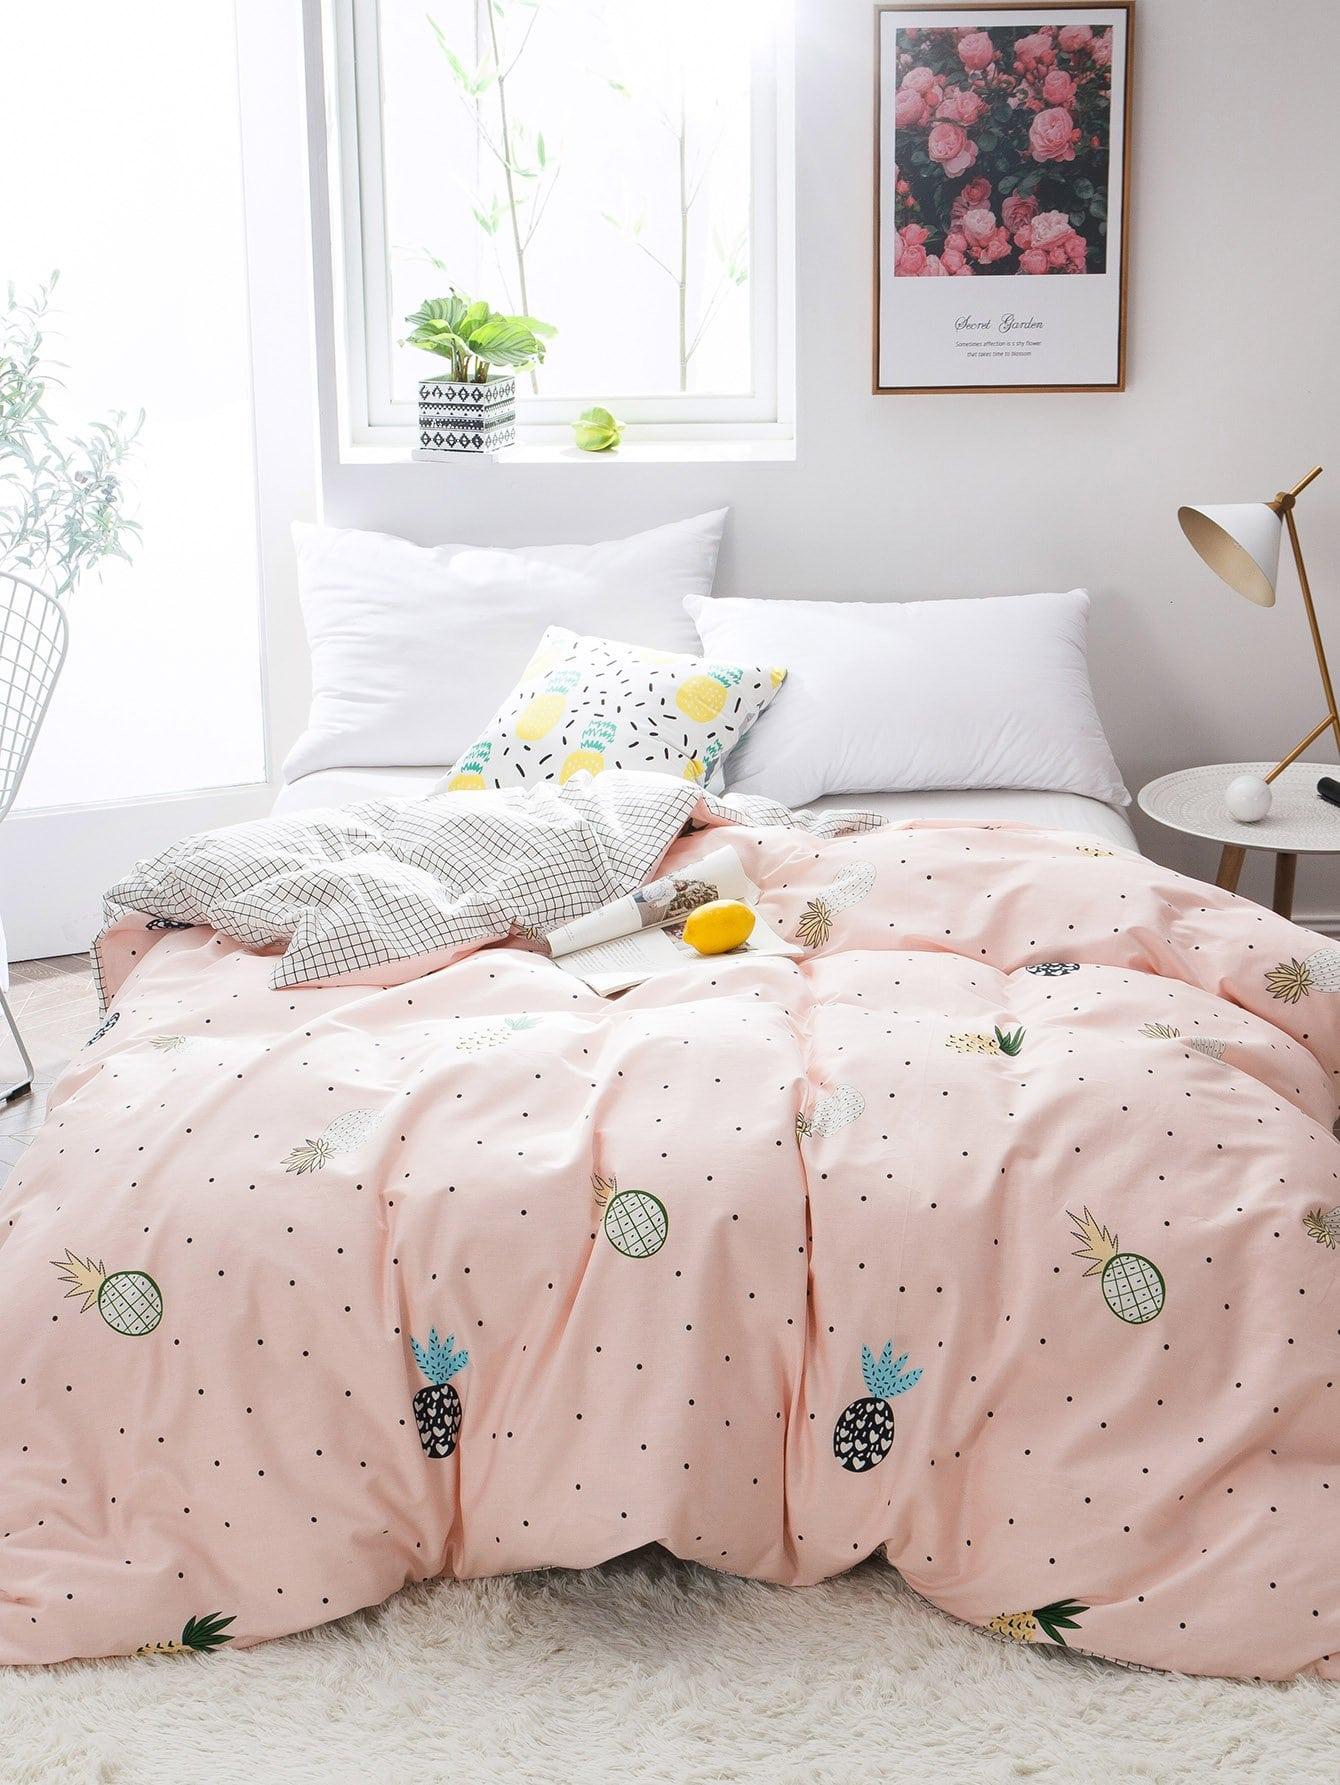 Купить Набор чехола на одеяло и с рисунками ананасов и точки польки 1 шт, null, SheIn